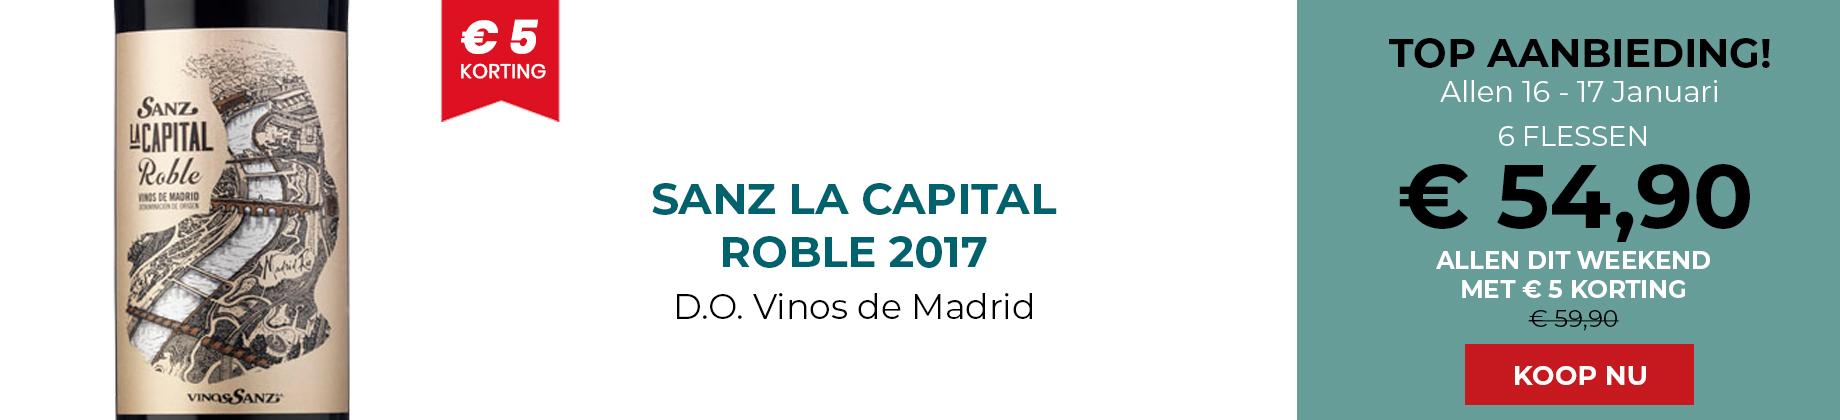 Sanz La Capital Roble 2017